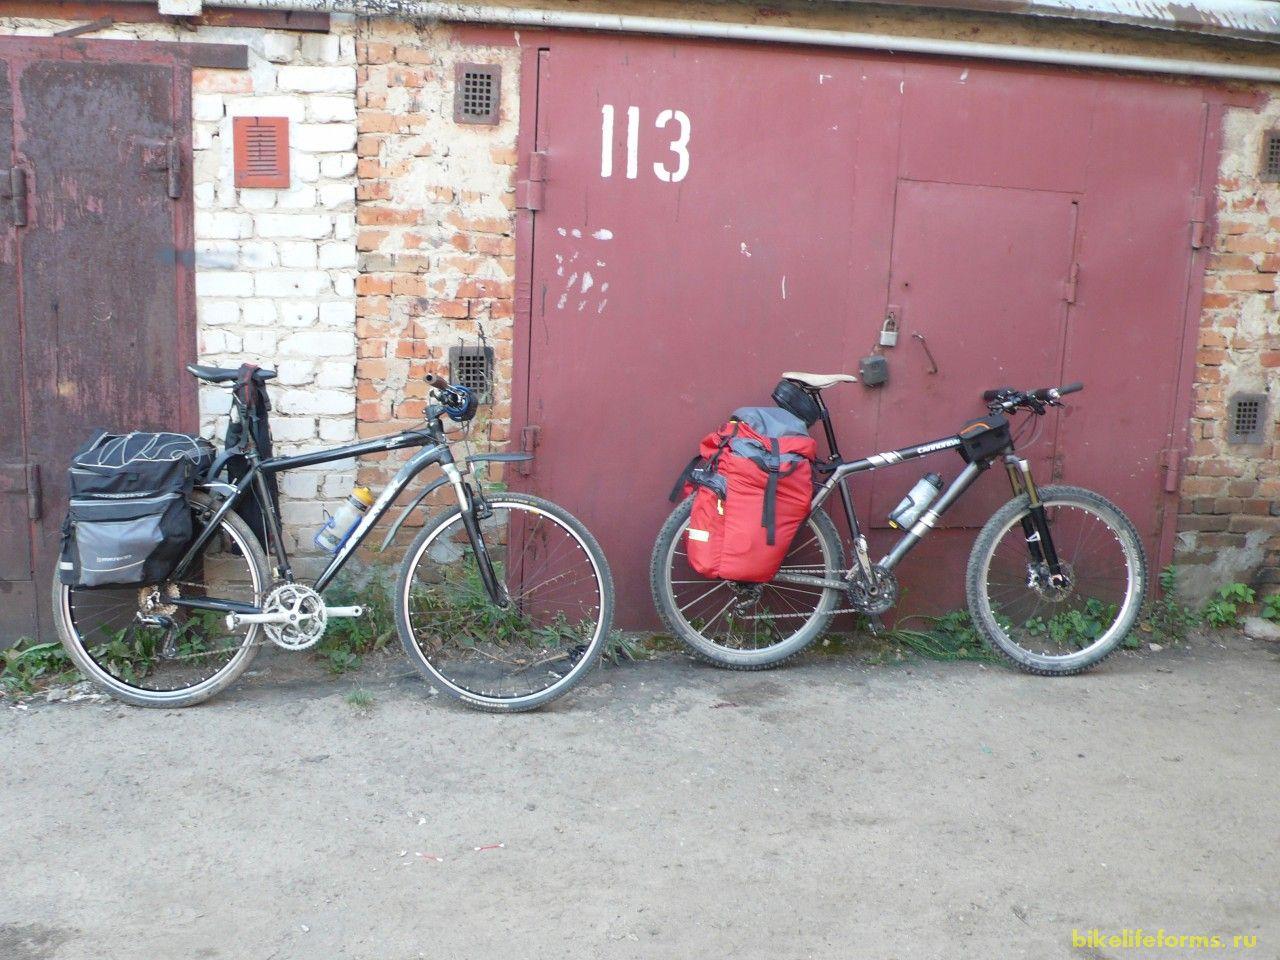 Миша встретил меня в 5 утра на вокзале, а спутся 4 часа, после установки вилки на велосипед Миши, которую я ему привез из Москвы, все уже было готово для начала нашего похода.